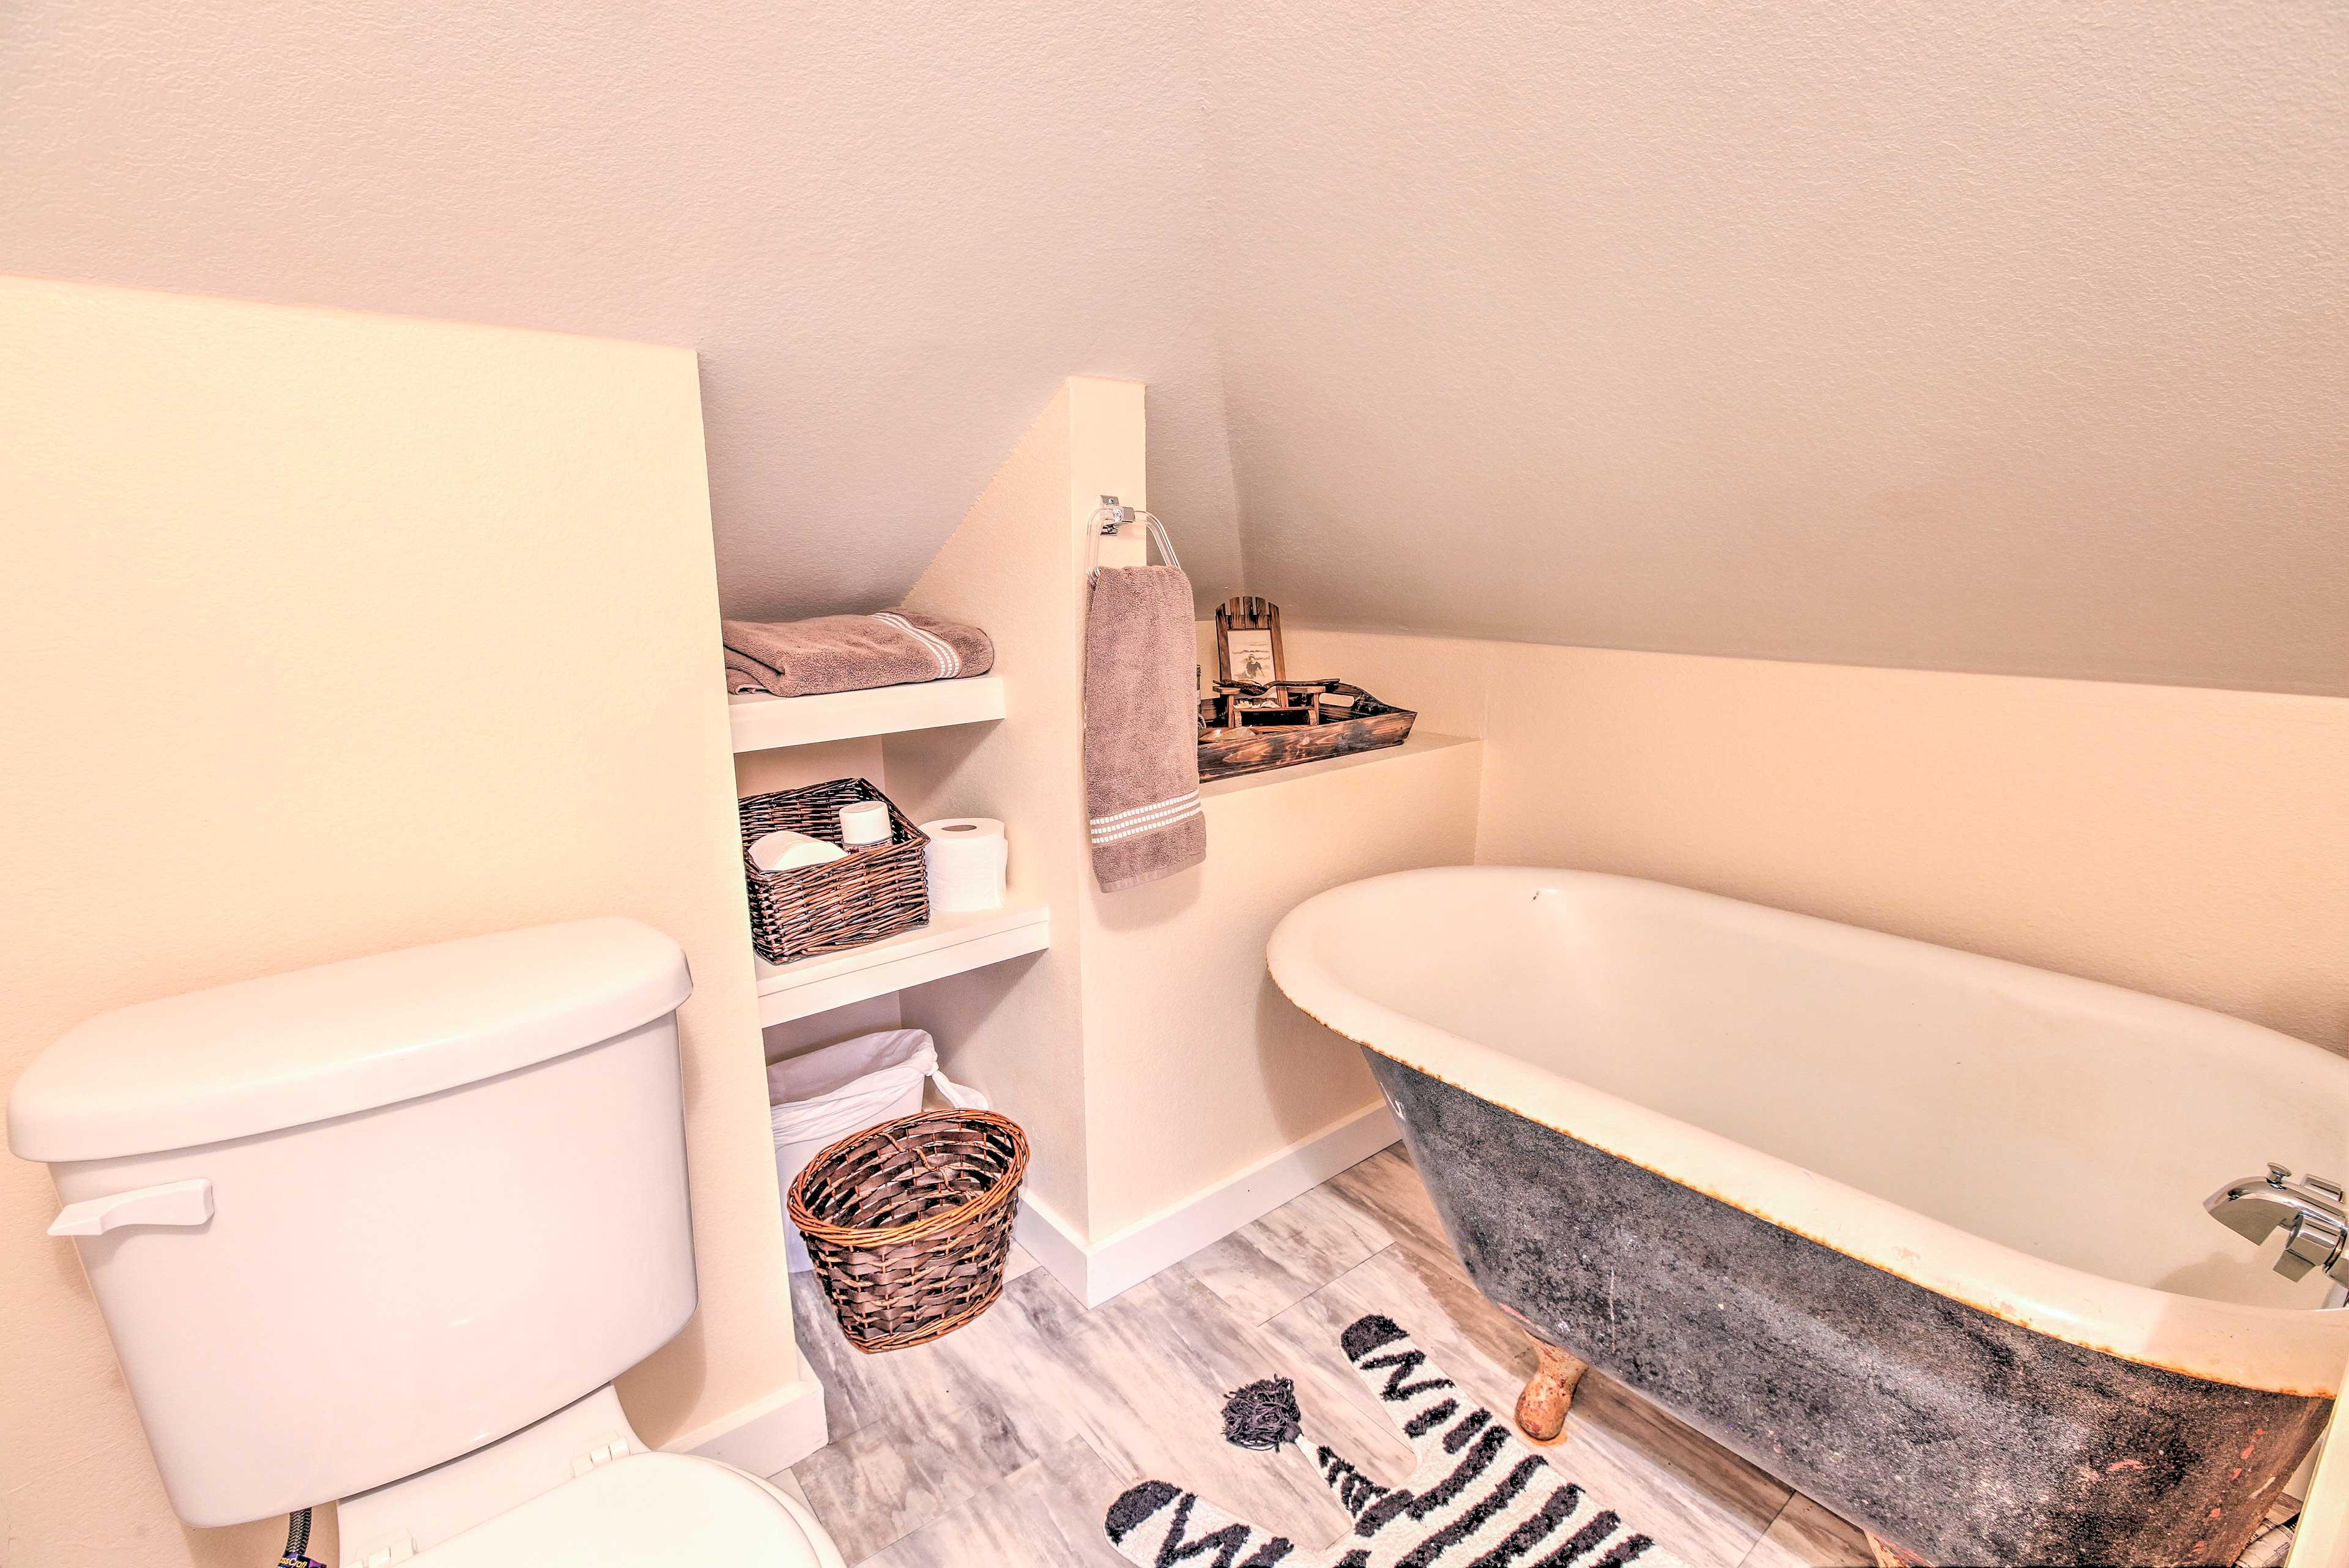 The en-suite bathroom offers an antique tub.